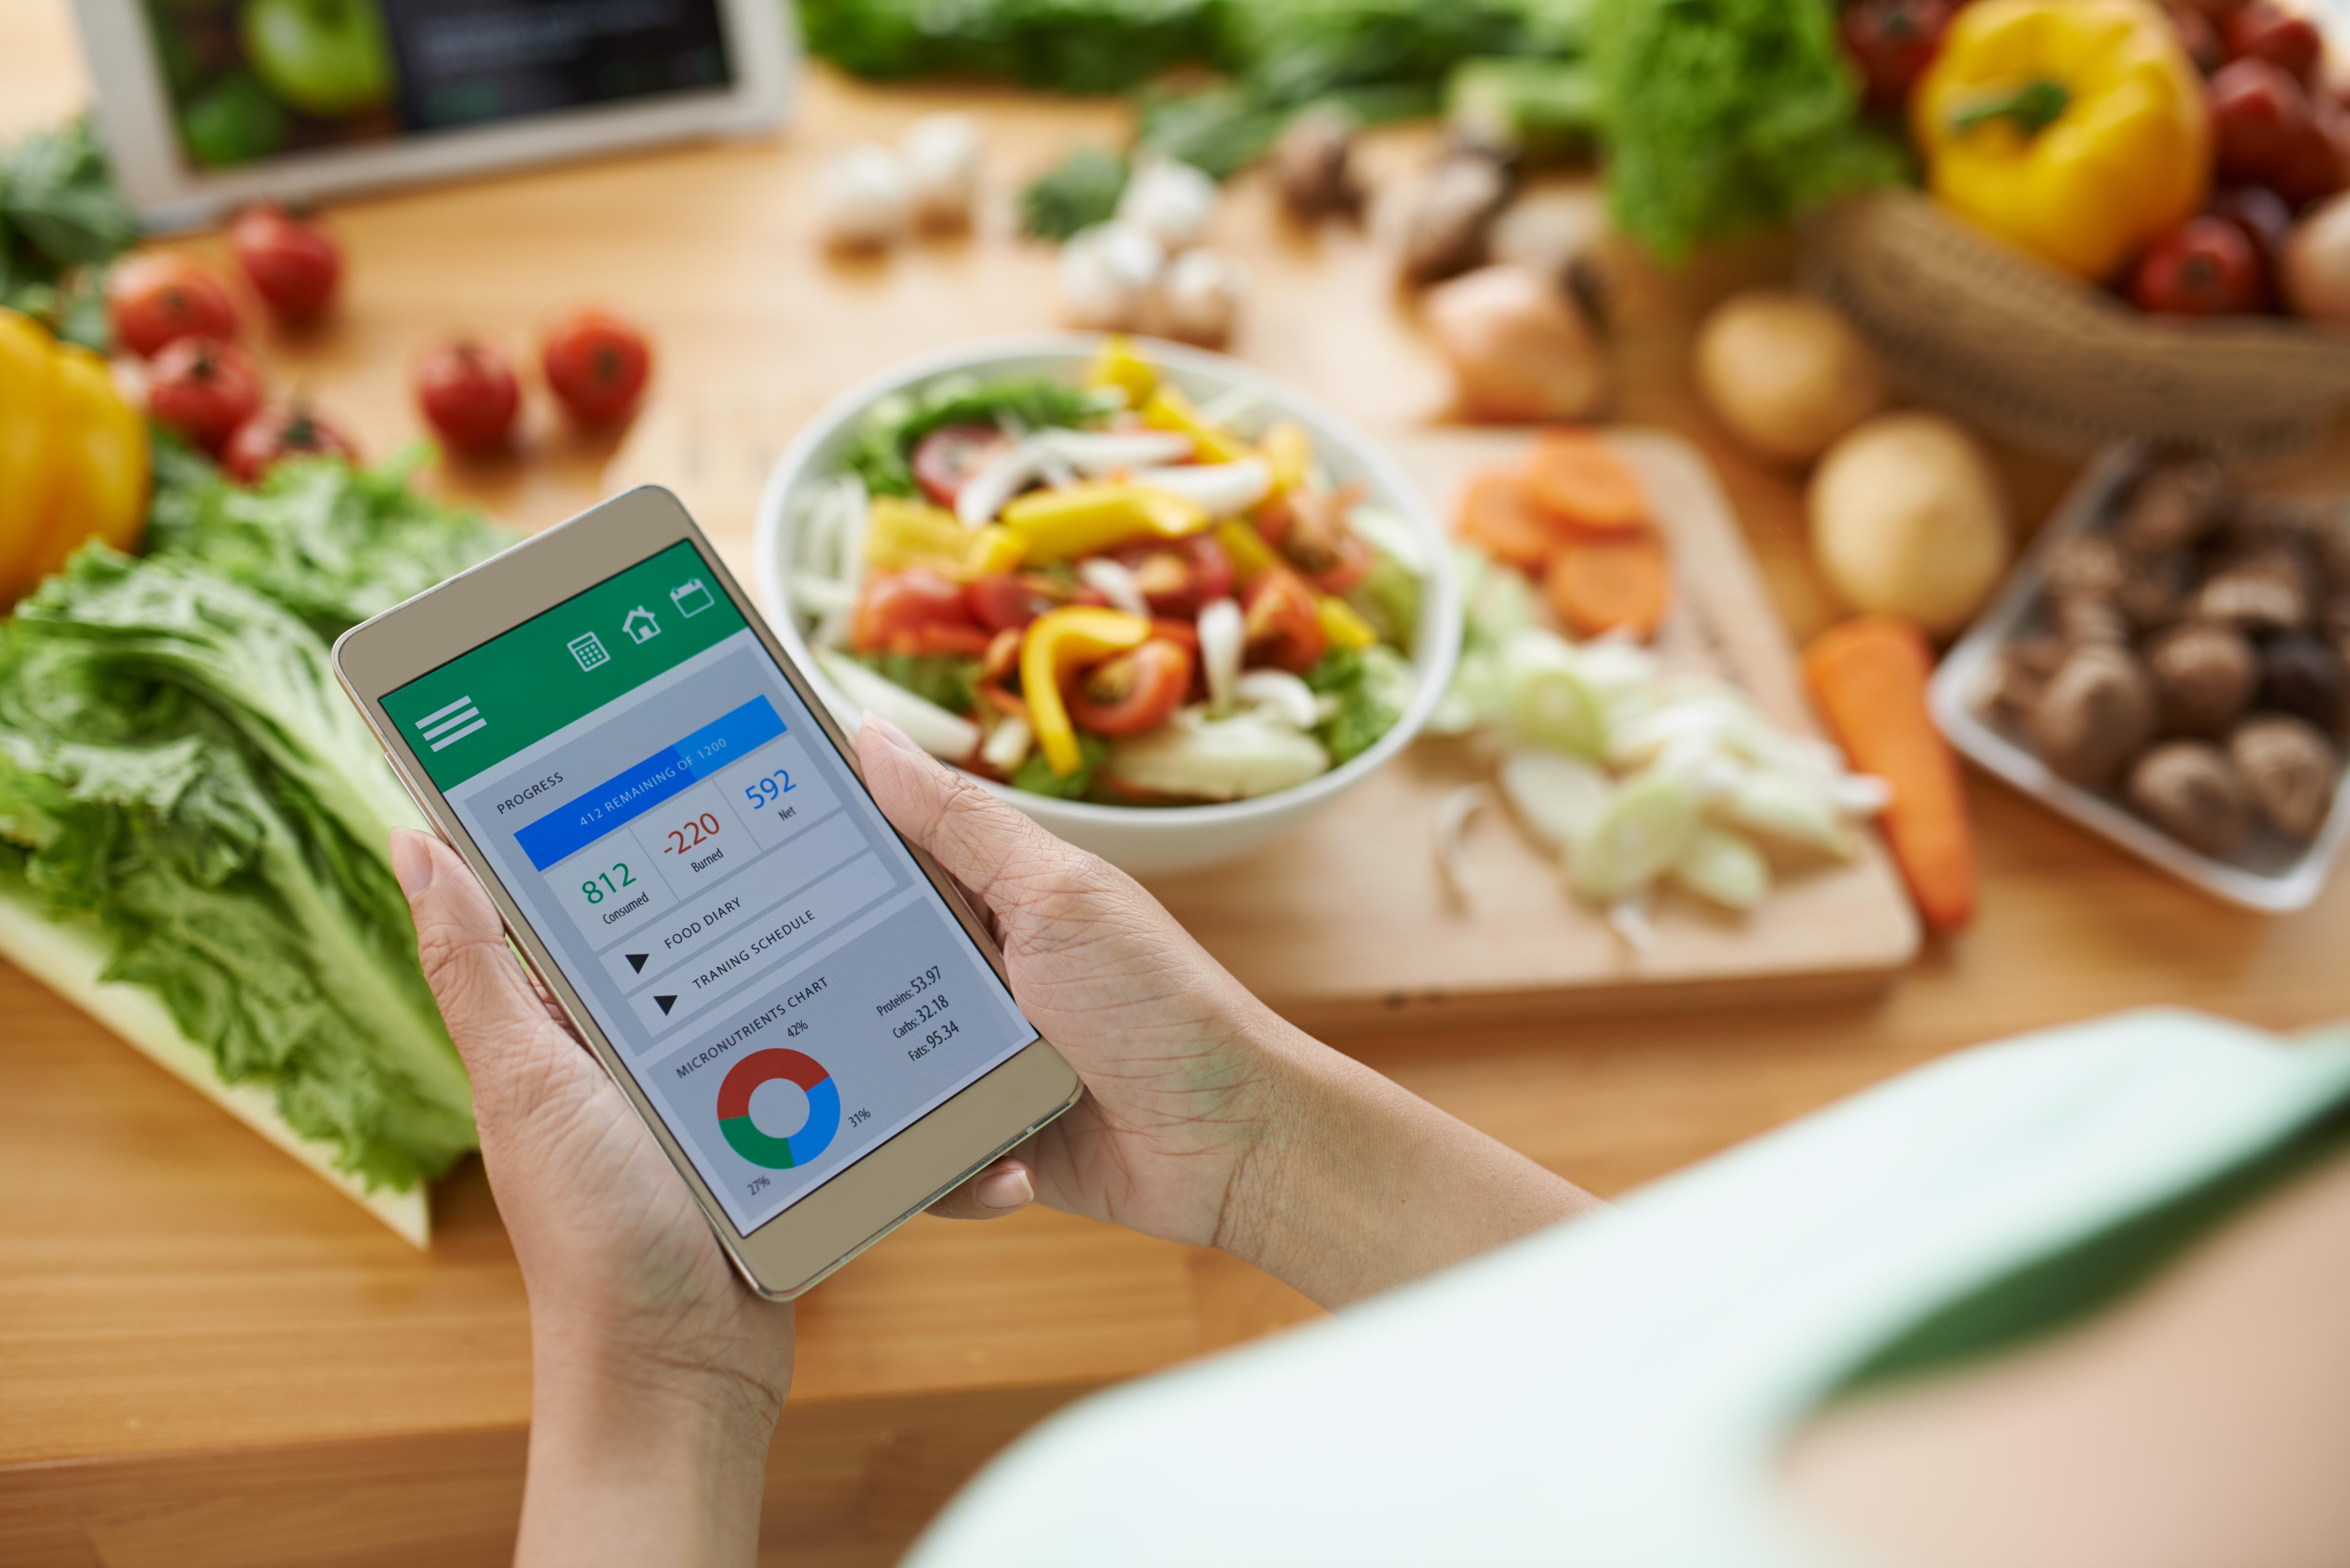 Nuevo dispositivo para contar las calorías según el sonido de los alimentos